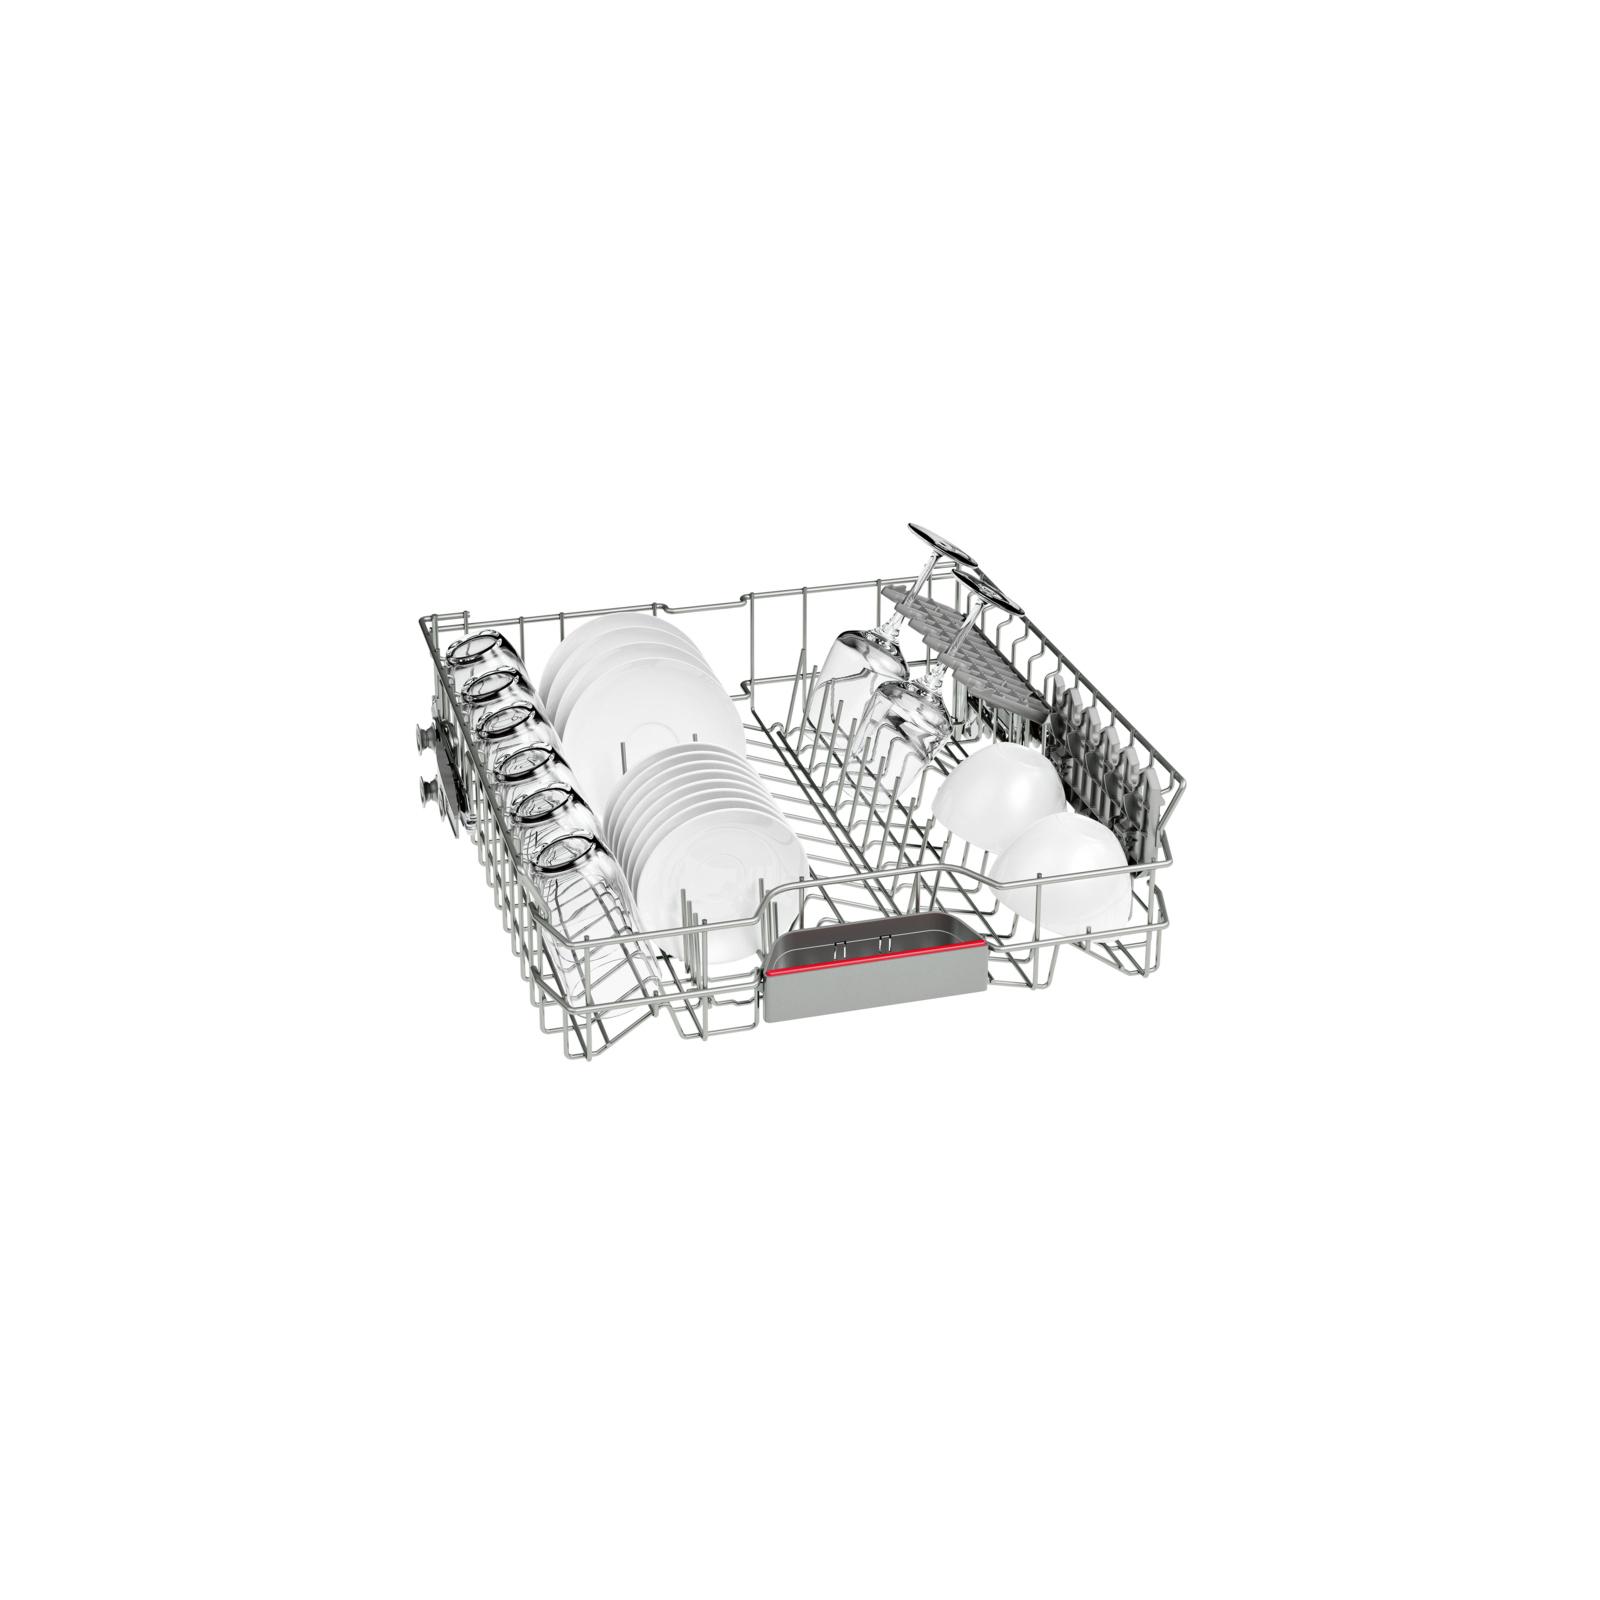 Посудомийна машина Siemens SN 658 X00 ME (SN658X00ME) зображення 3